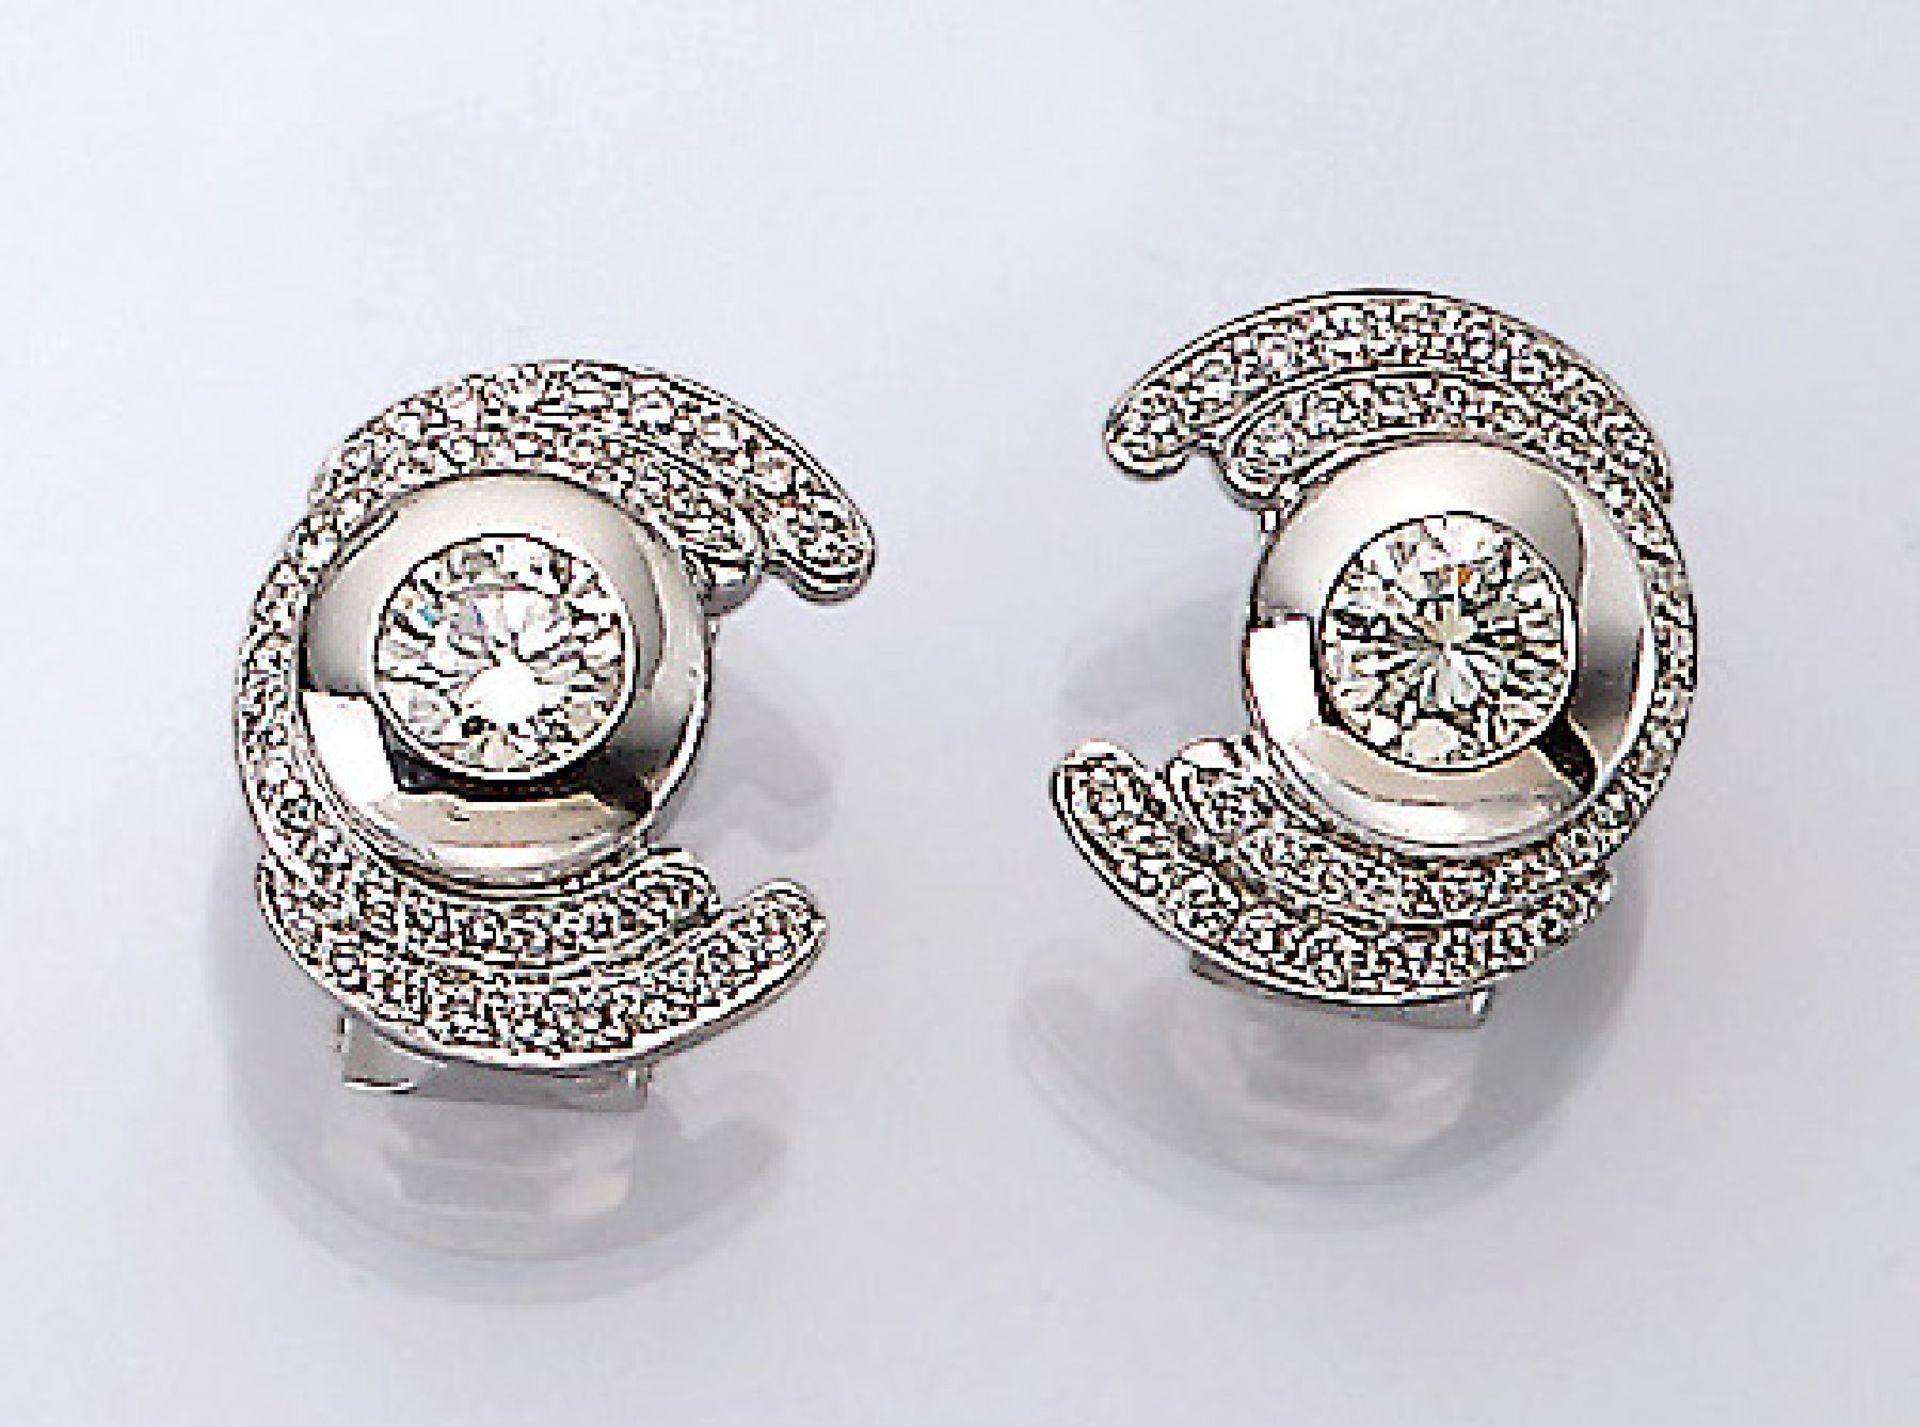 Paar 18 kt Gold Ohrstecker mit Diamanten, WG 750/000, mittige Diamanten zus. ca. 1.10 ctl.get.Weiß/